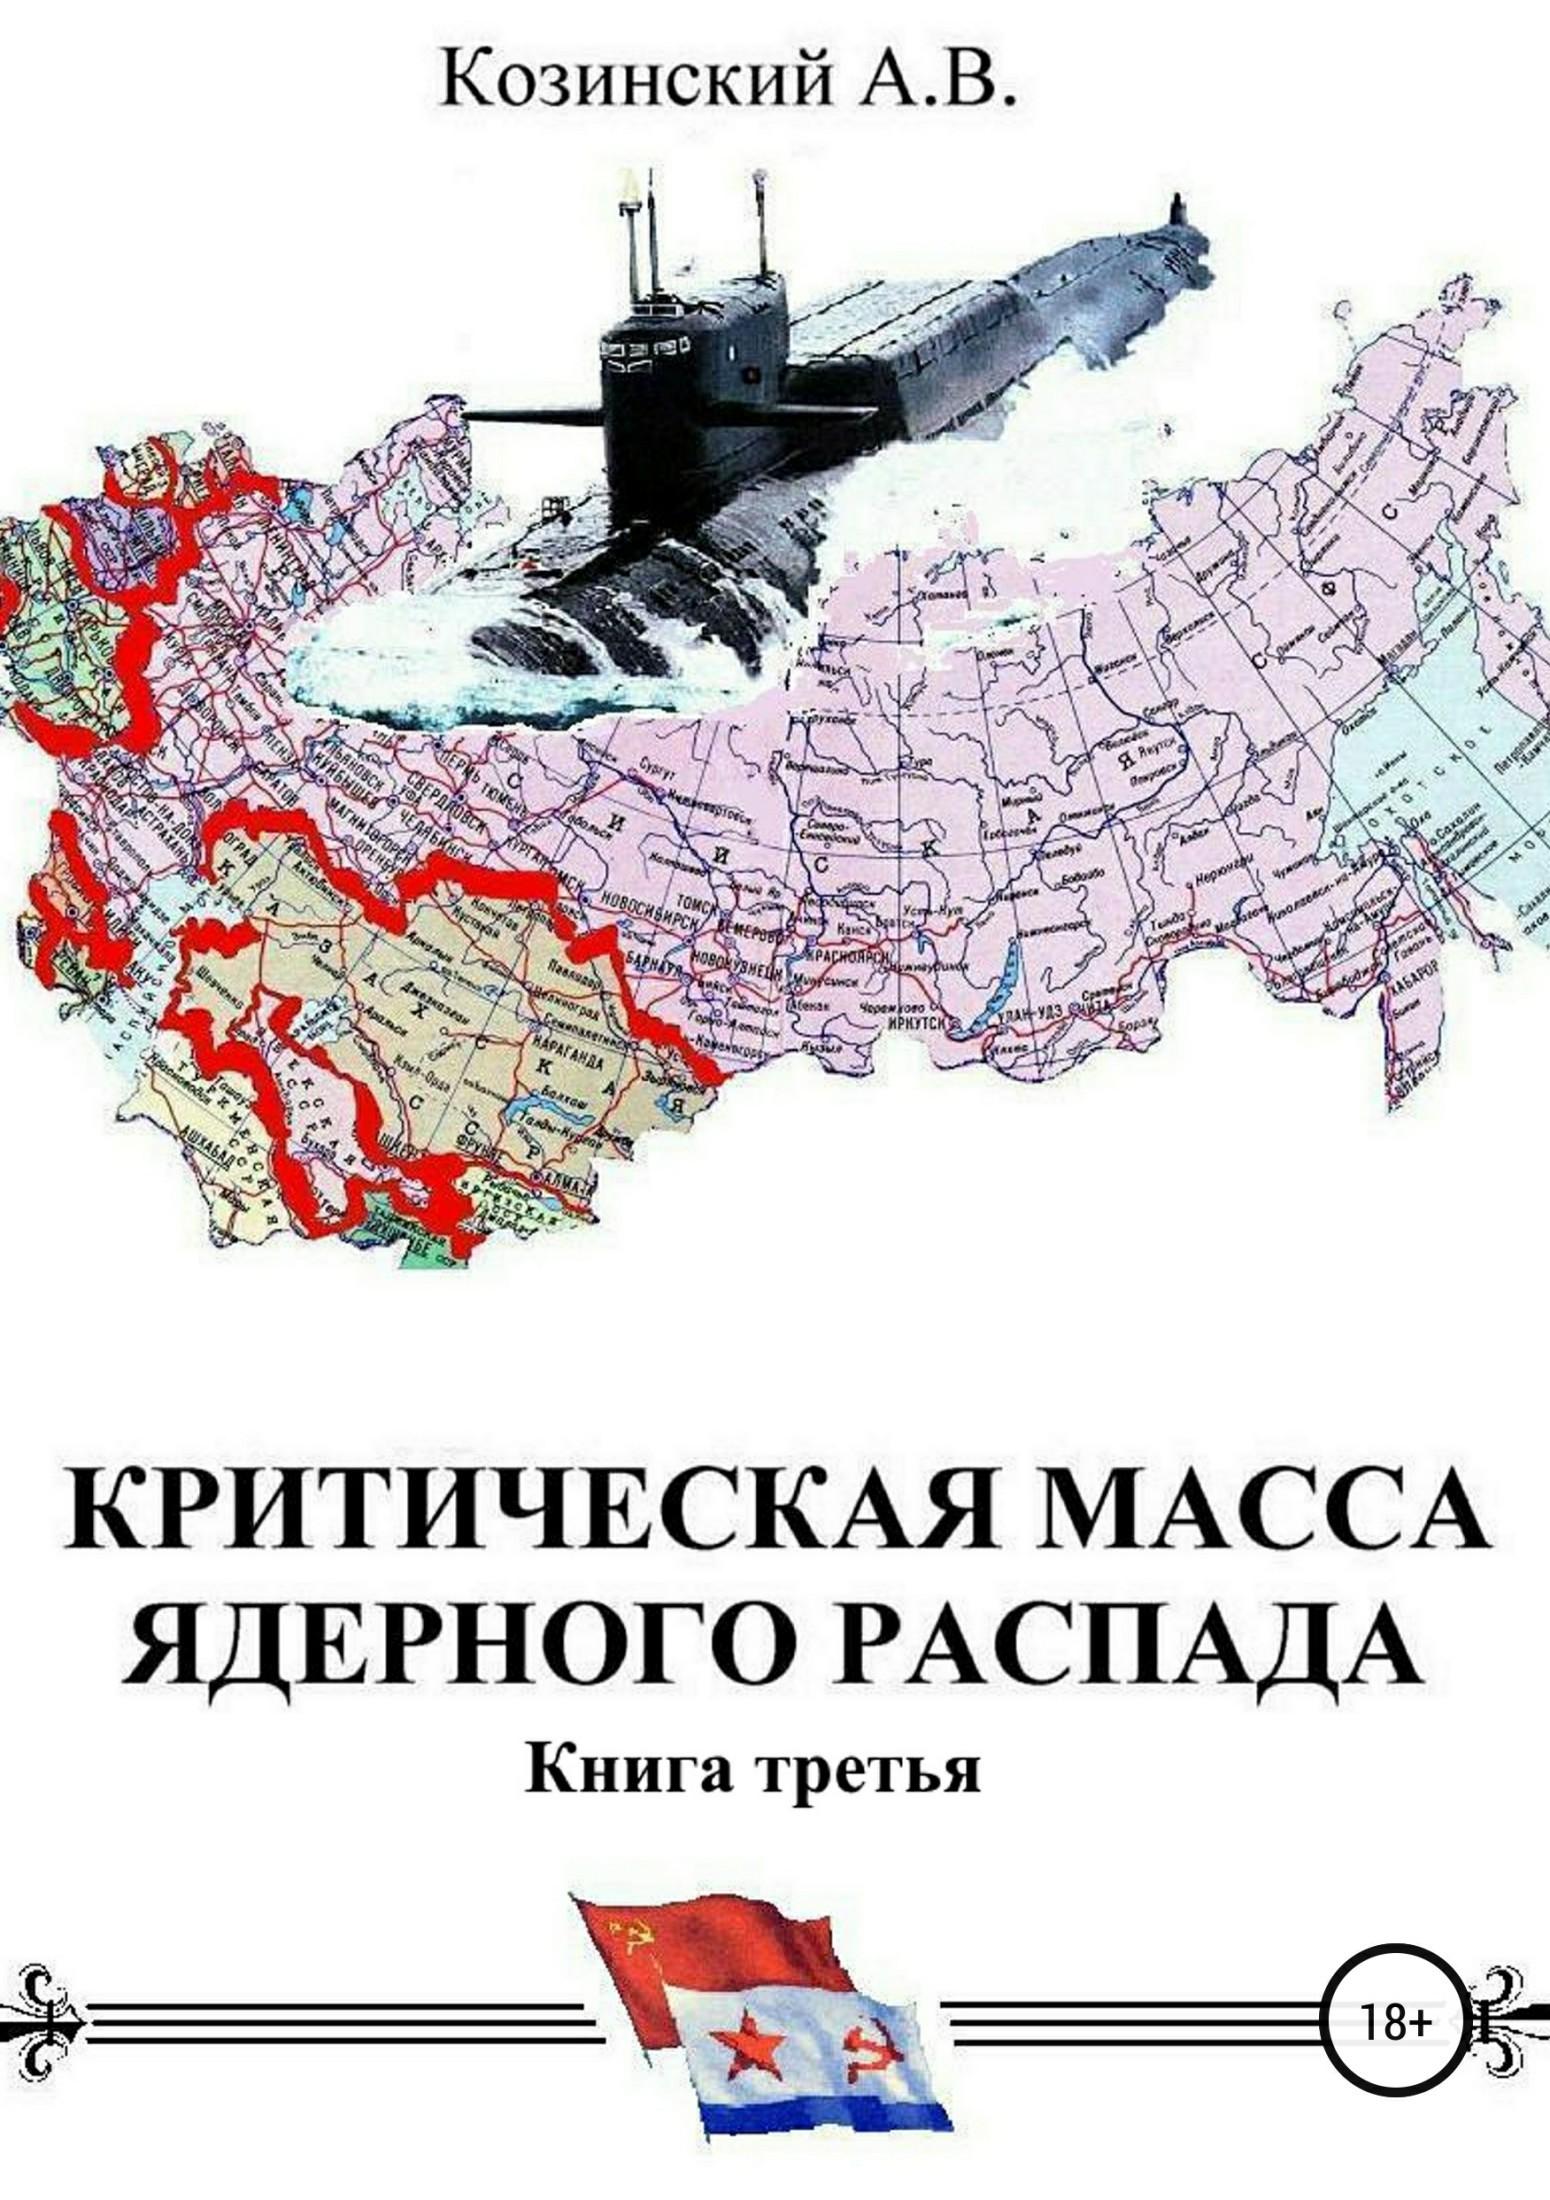 Критическая масса ядерного распада. Книга третья. Командир подводного атомного ракетоносца